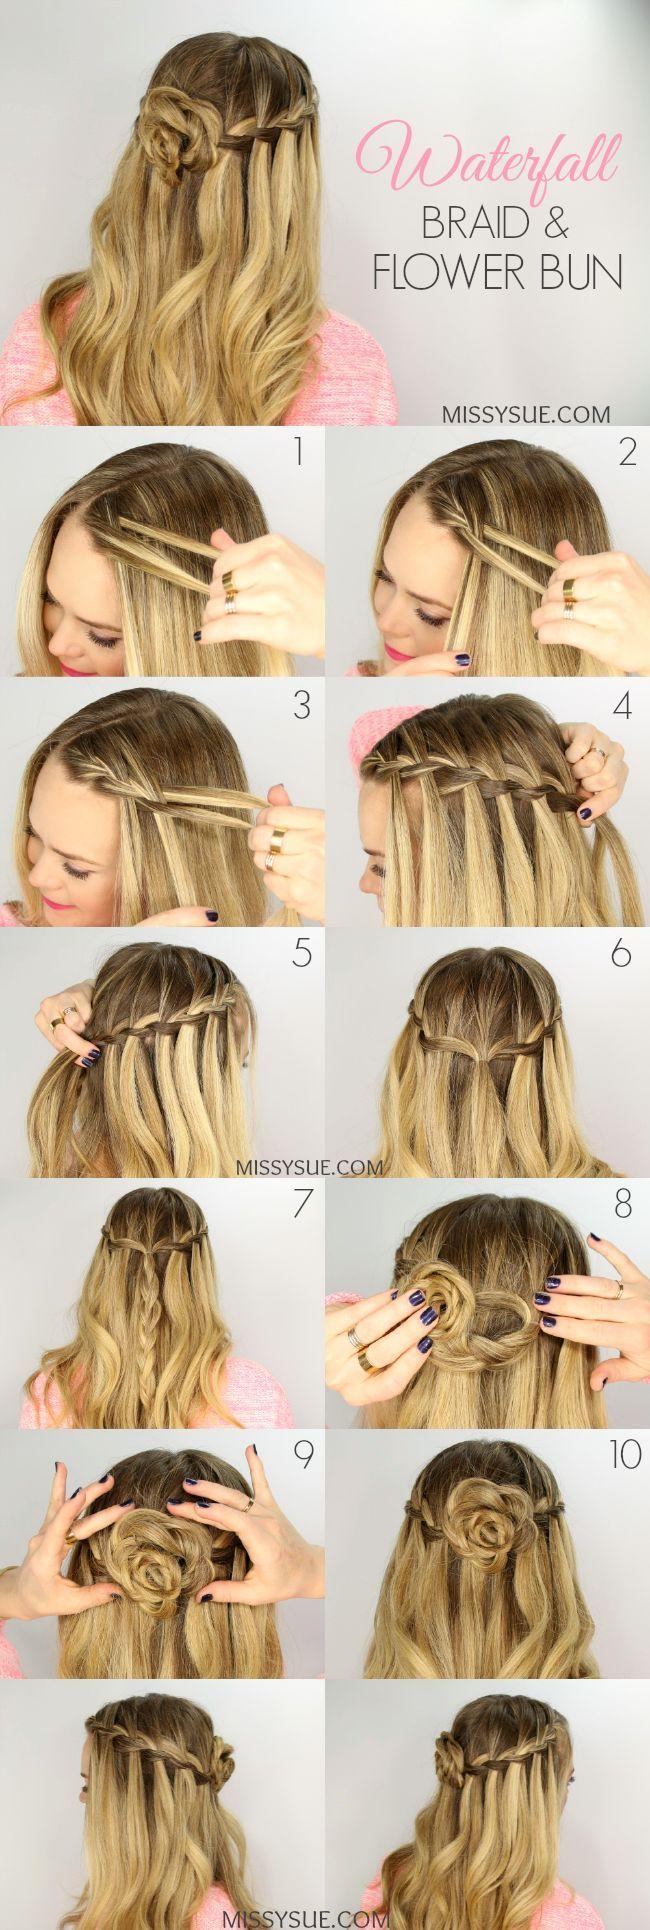 Waterfall Braid And Flower Bun Hair Styles Long Hair Styles Medium Hair Styles